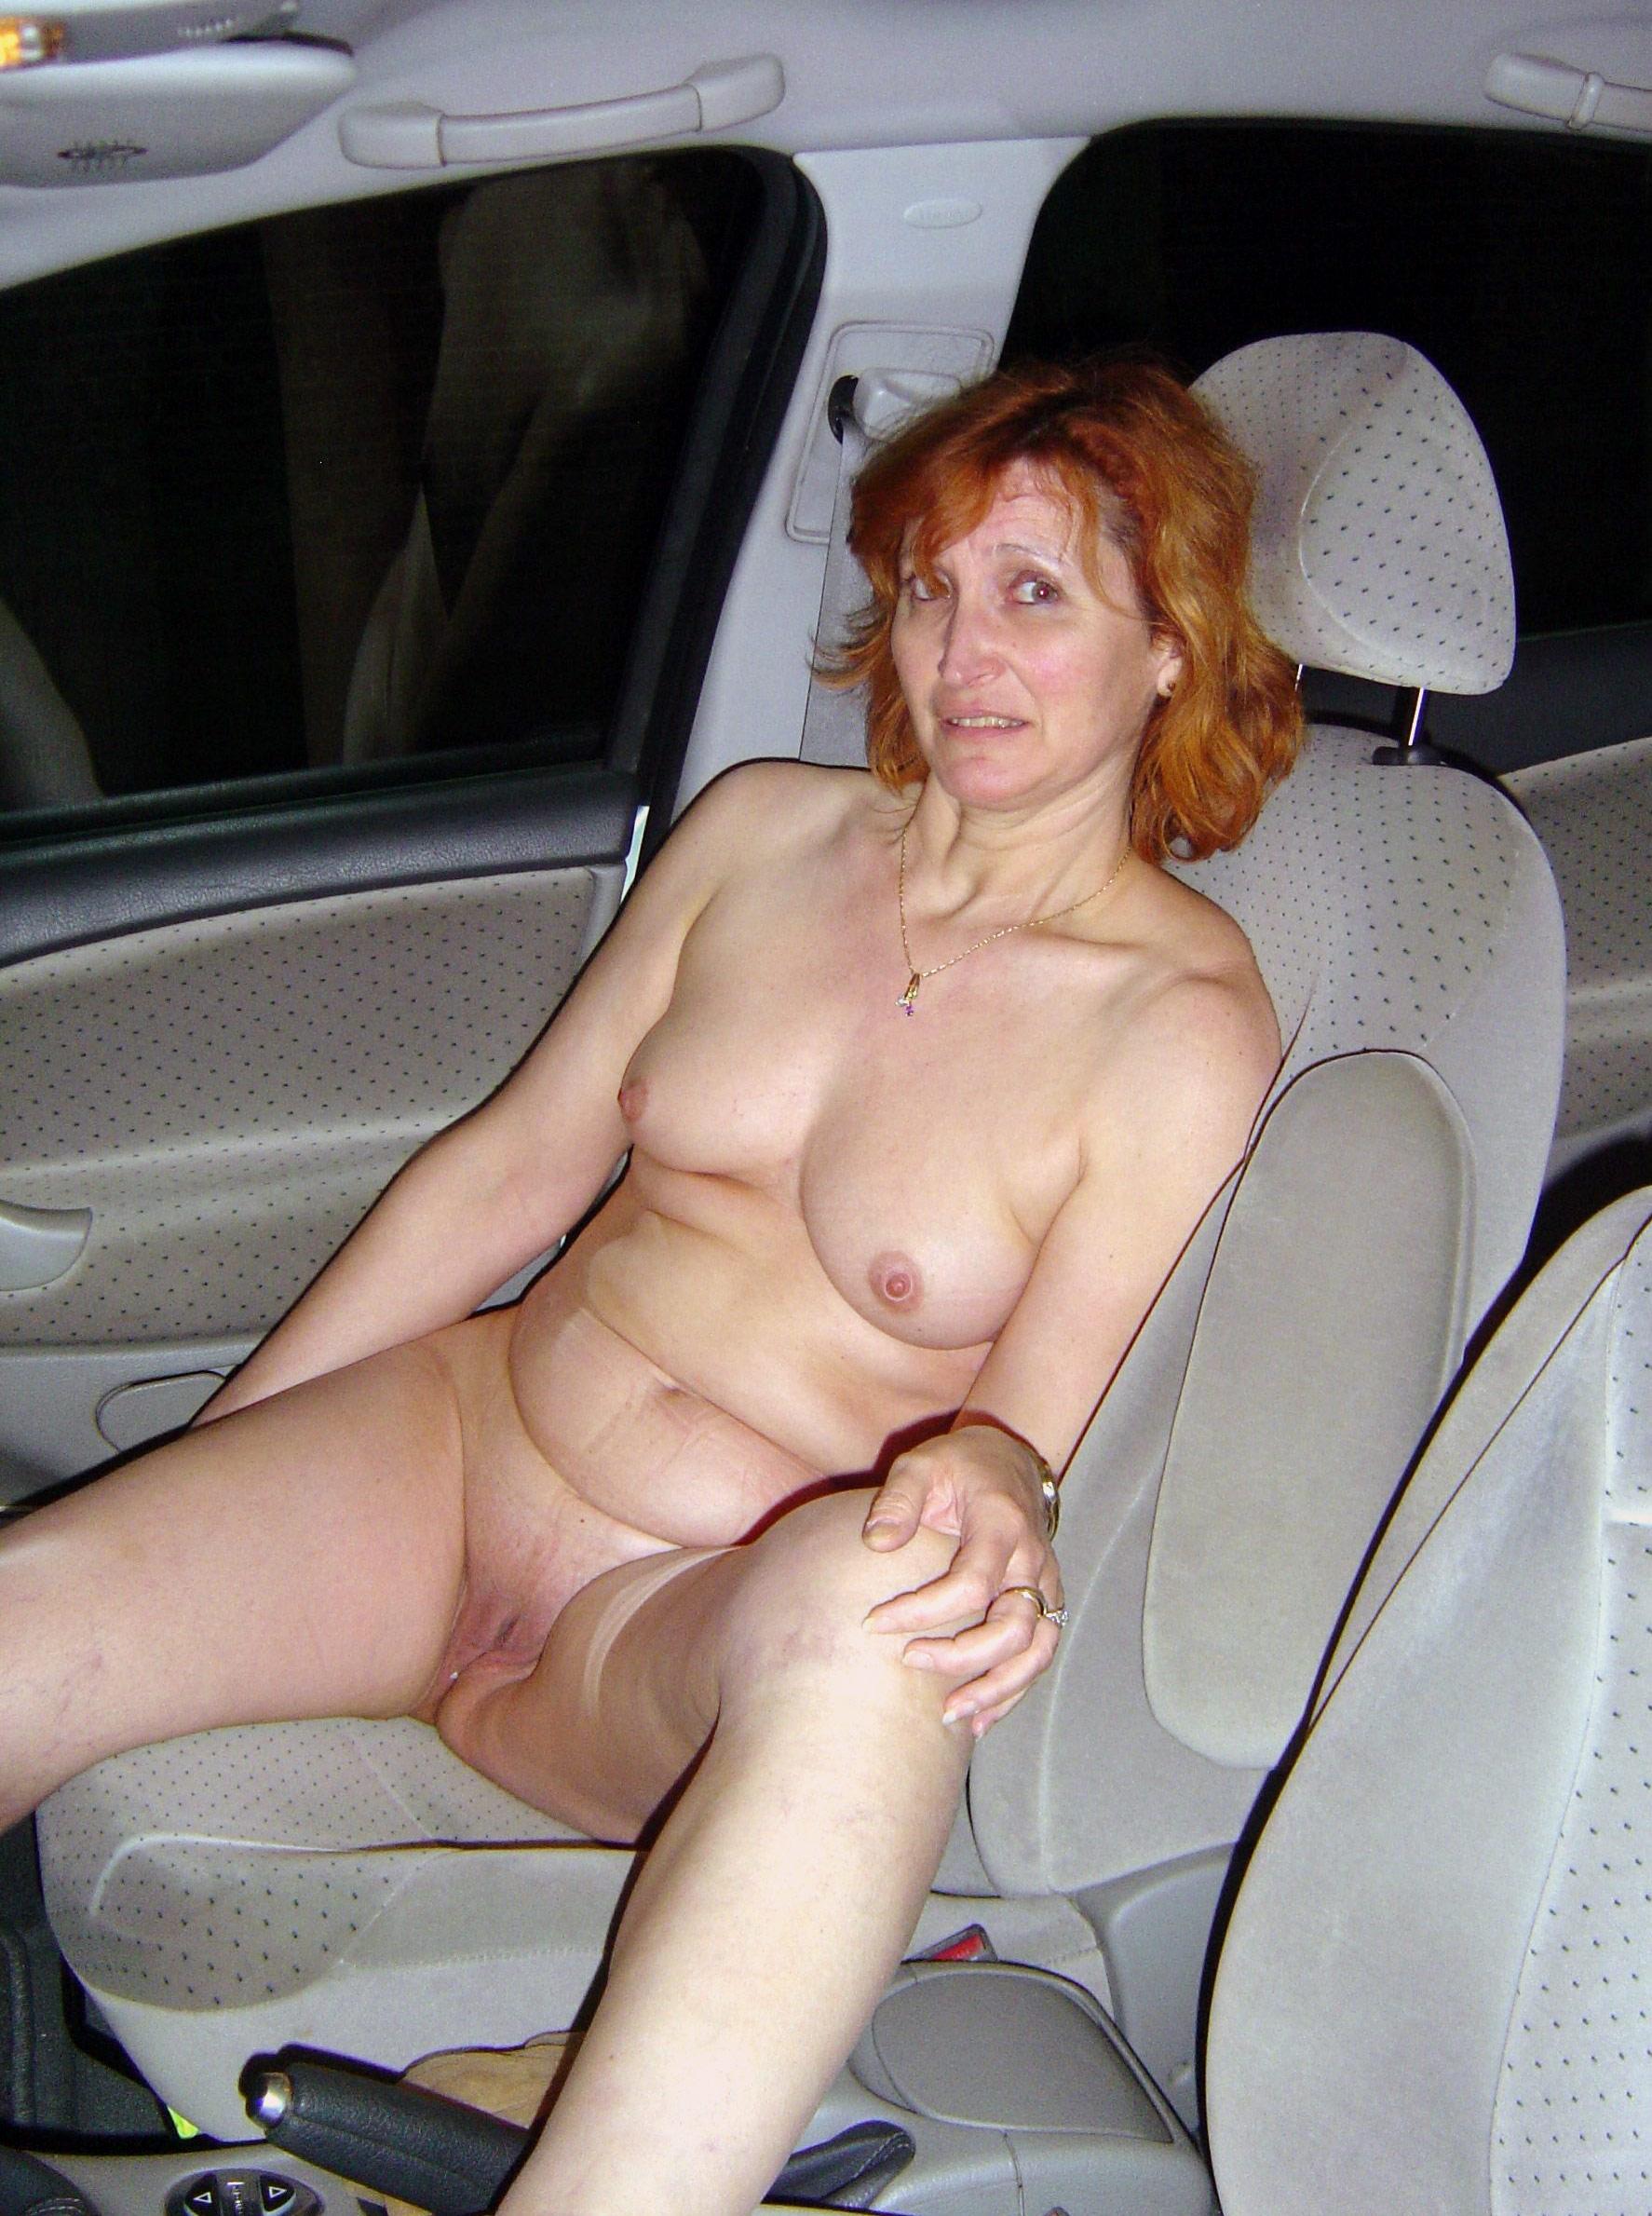 Car slut nude